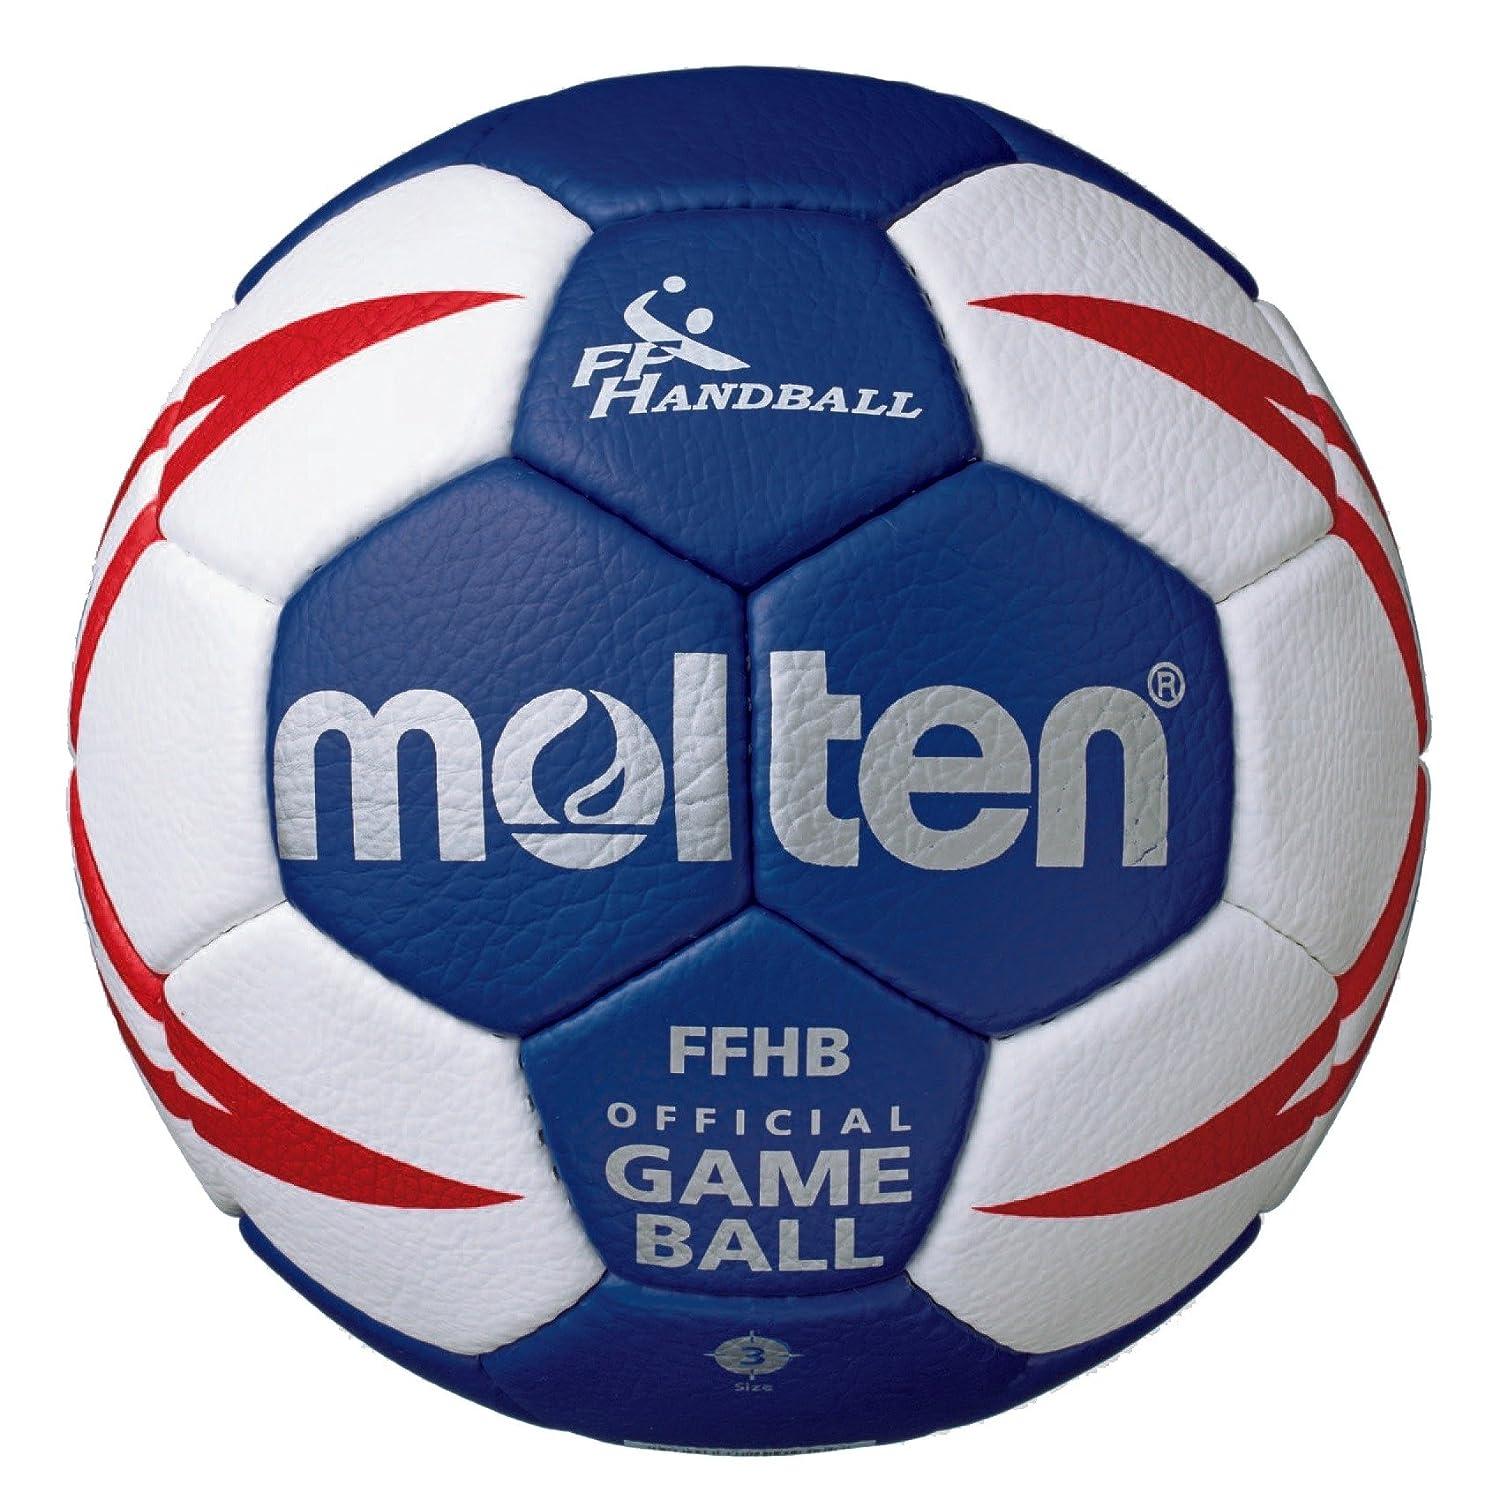 Ballon de compétition HX5001 FFHB taille 3